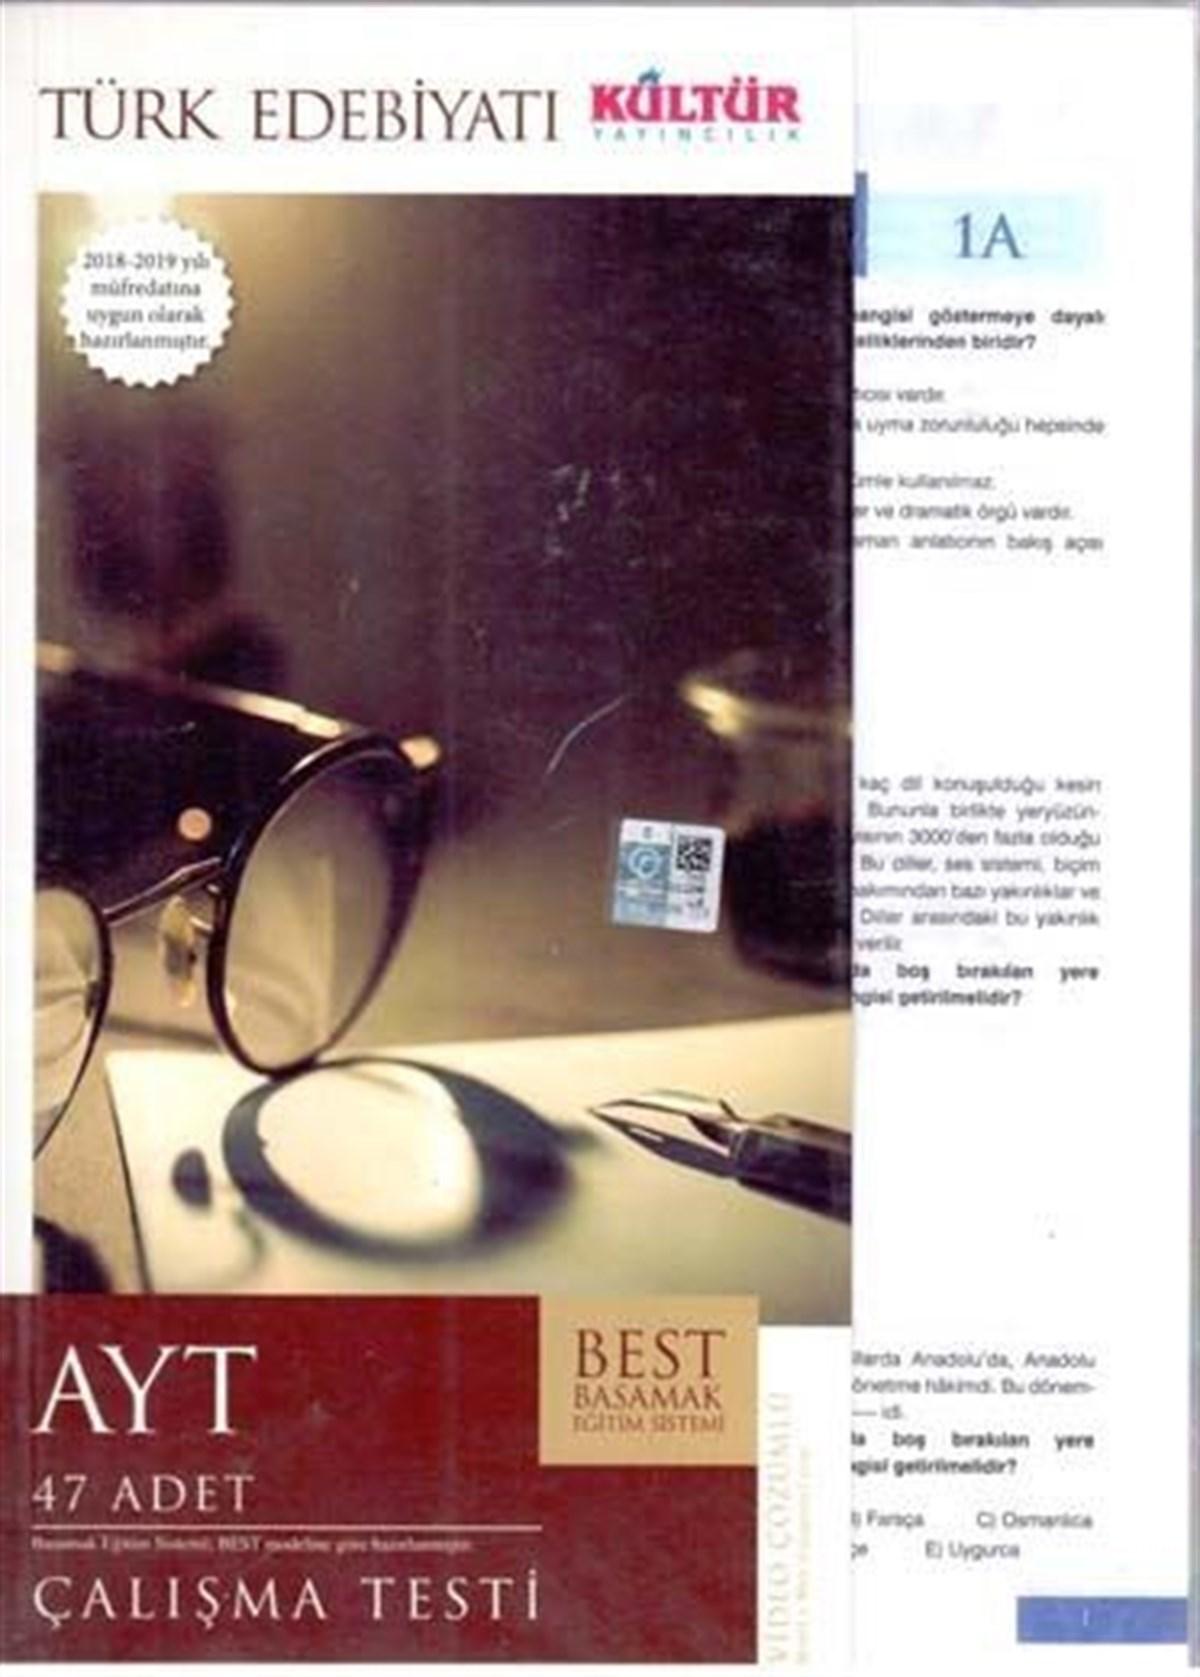 Kültür Yayıncılık AYT Best Türk Edebiyatı Çalışma Testleri